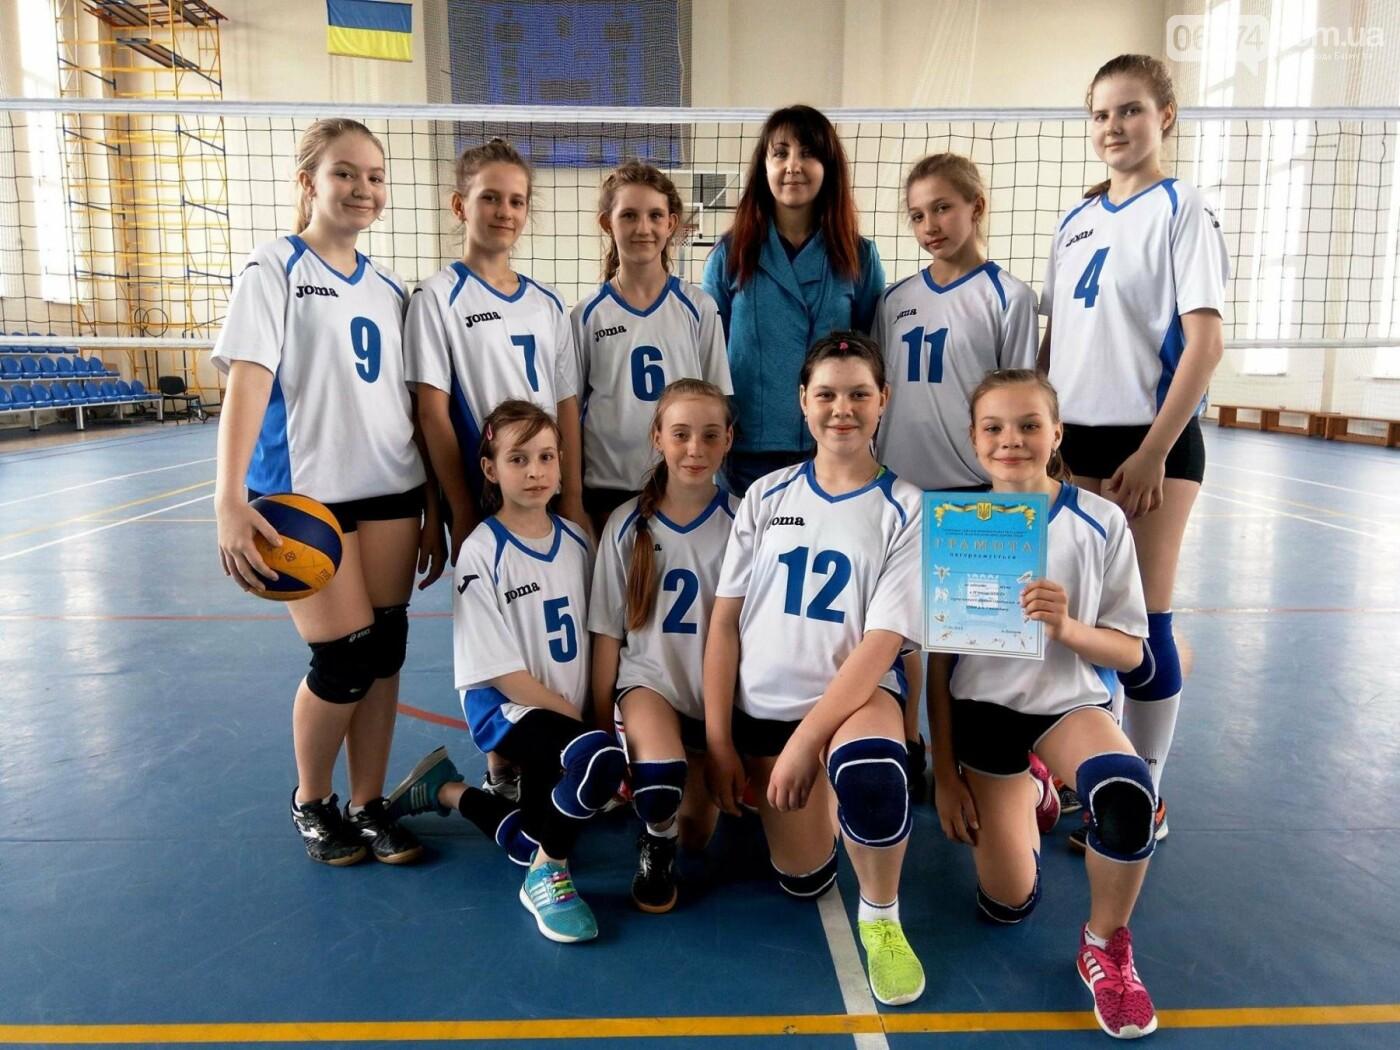 В Бахмуте прошли зональные соревнования «Школьная волейбольная лига Украины», фото-2